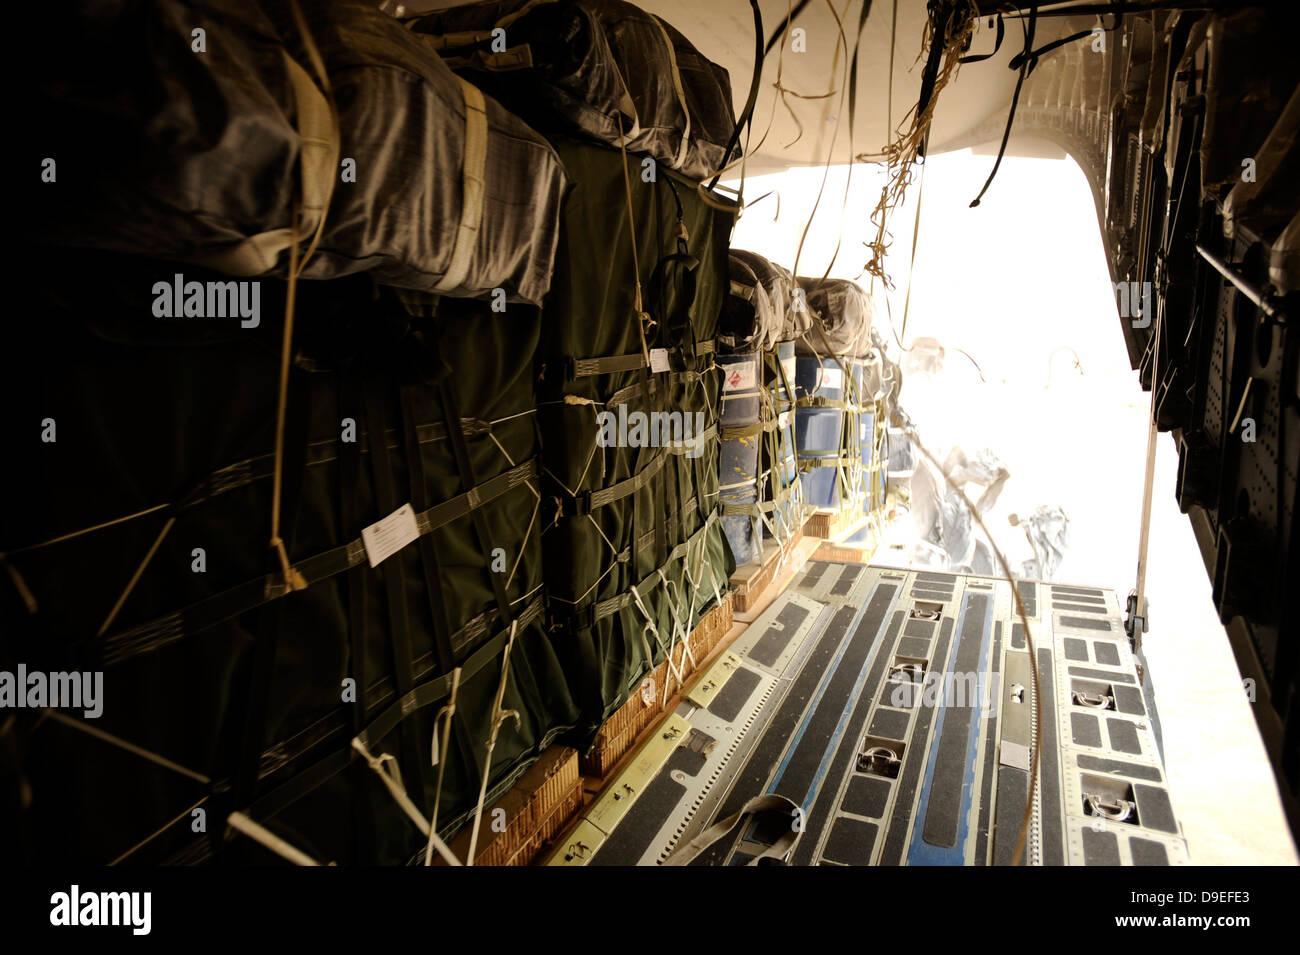 Container-Delivery-System Pakete fallen aus einer c-17 Globemaster III über eine Drop-Zone in Afghanistan. Stockbild